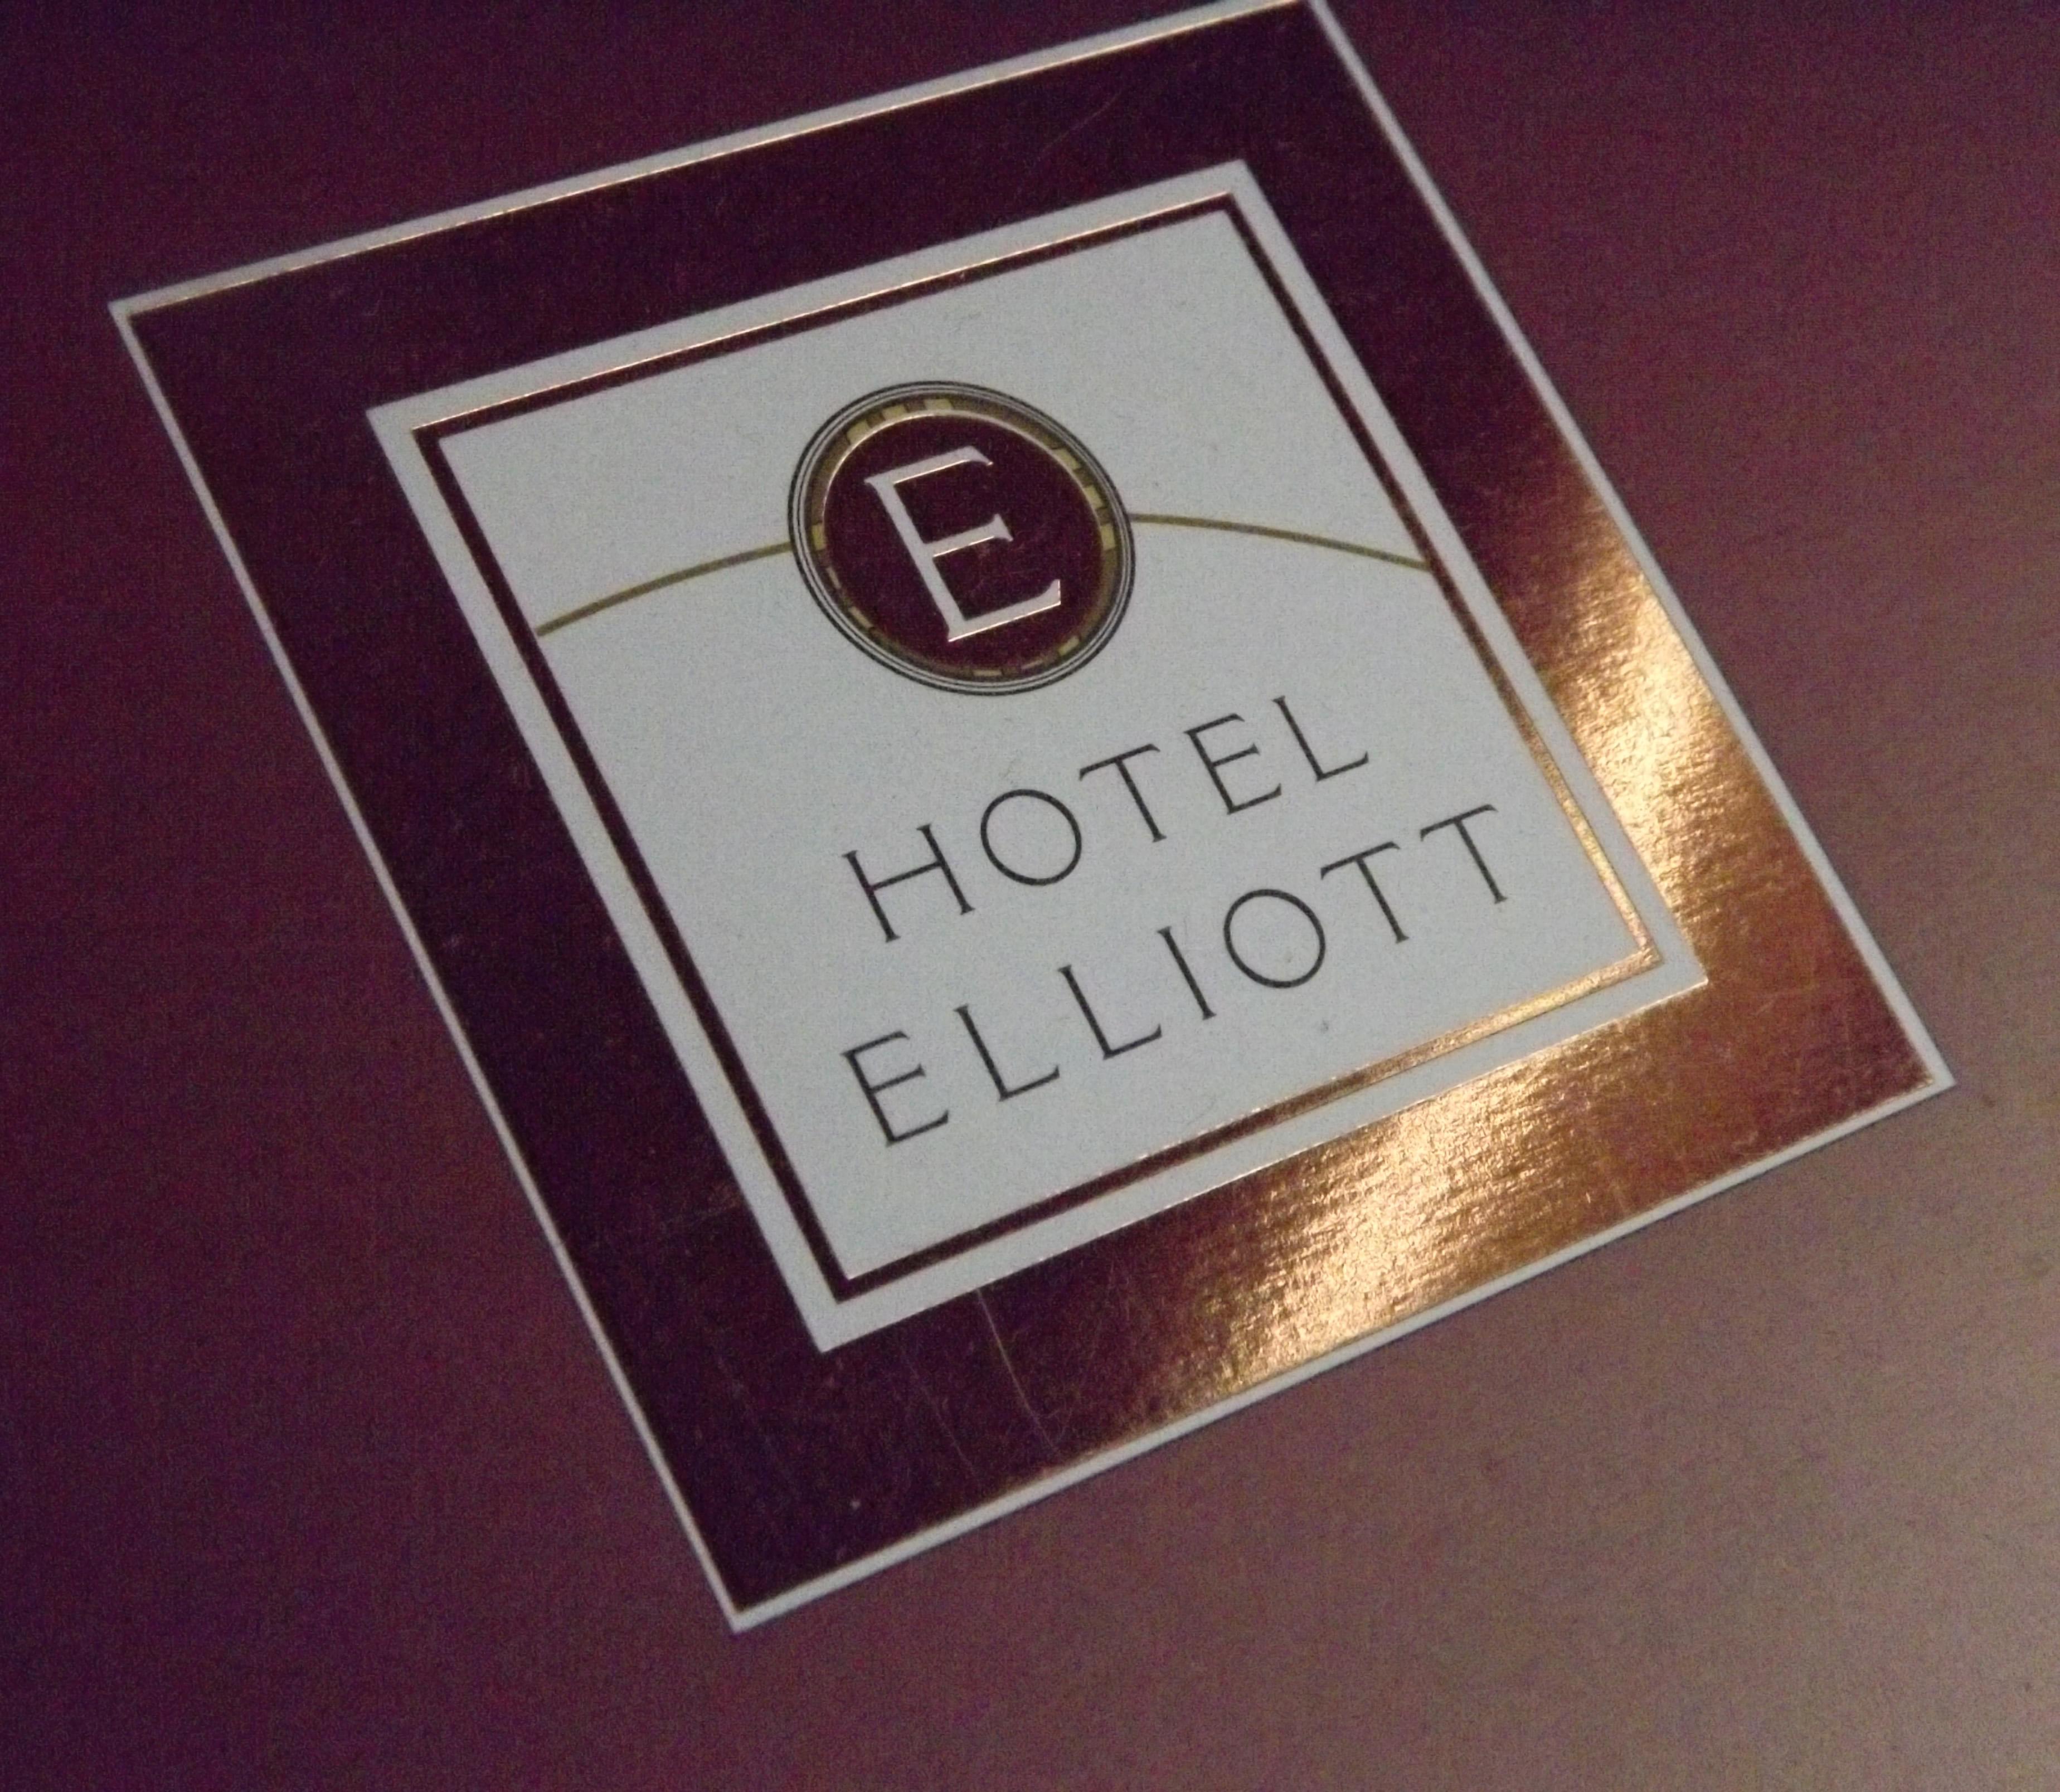 HOTEL ELLIOTT ID